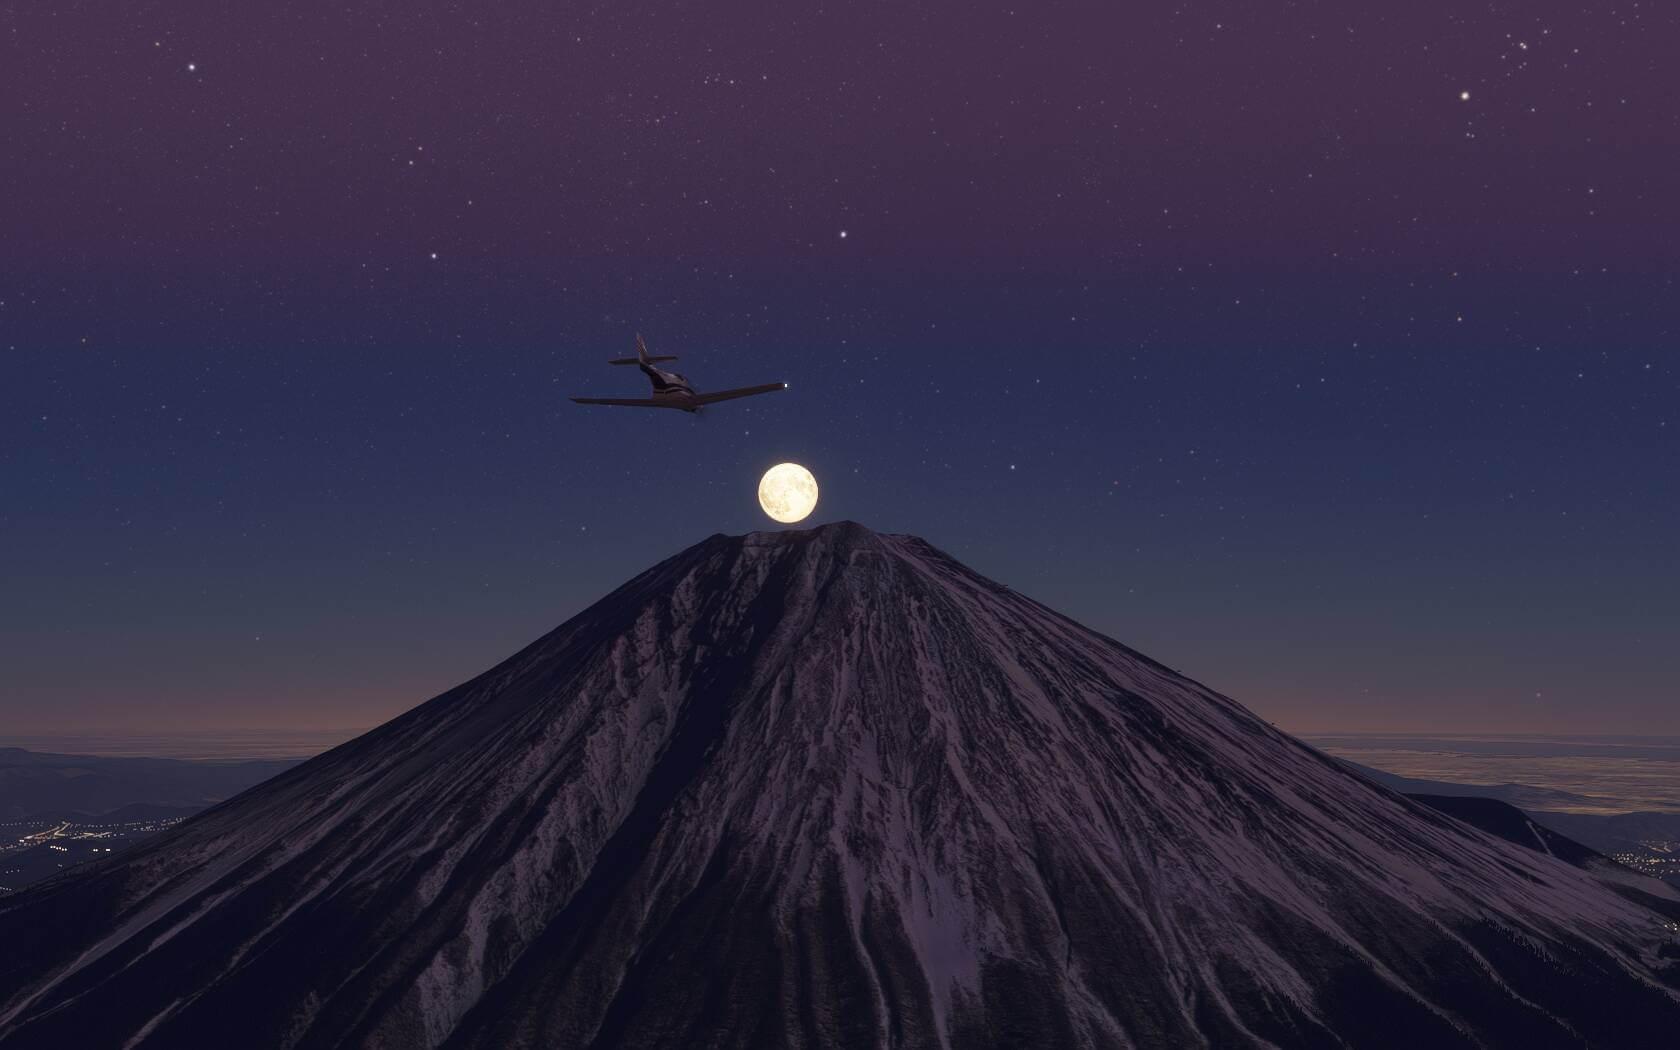 Pearl-Fuji-Mt.-Fuji-Japan-Screenshot-by-